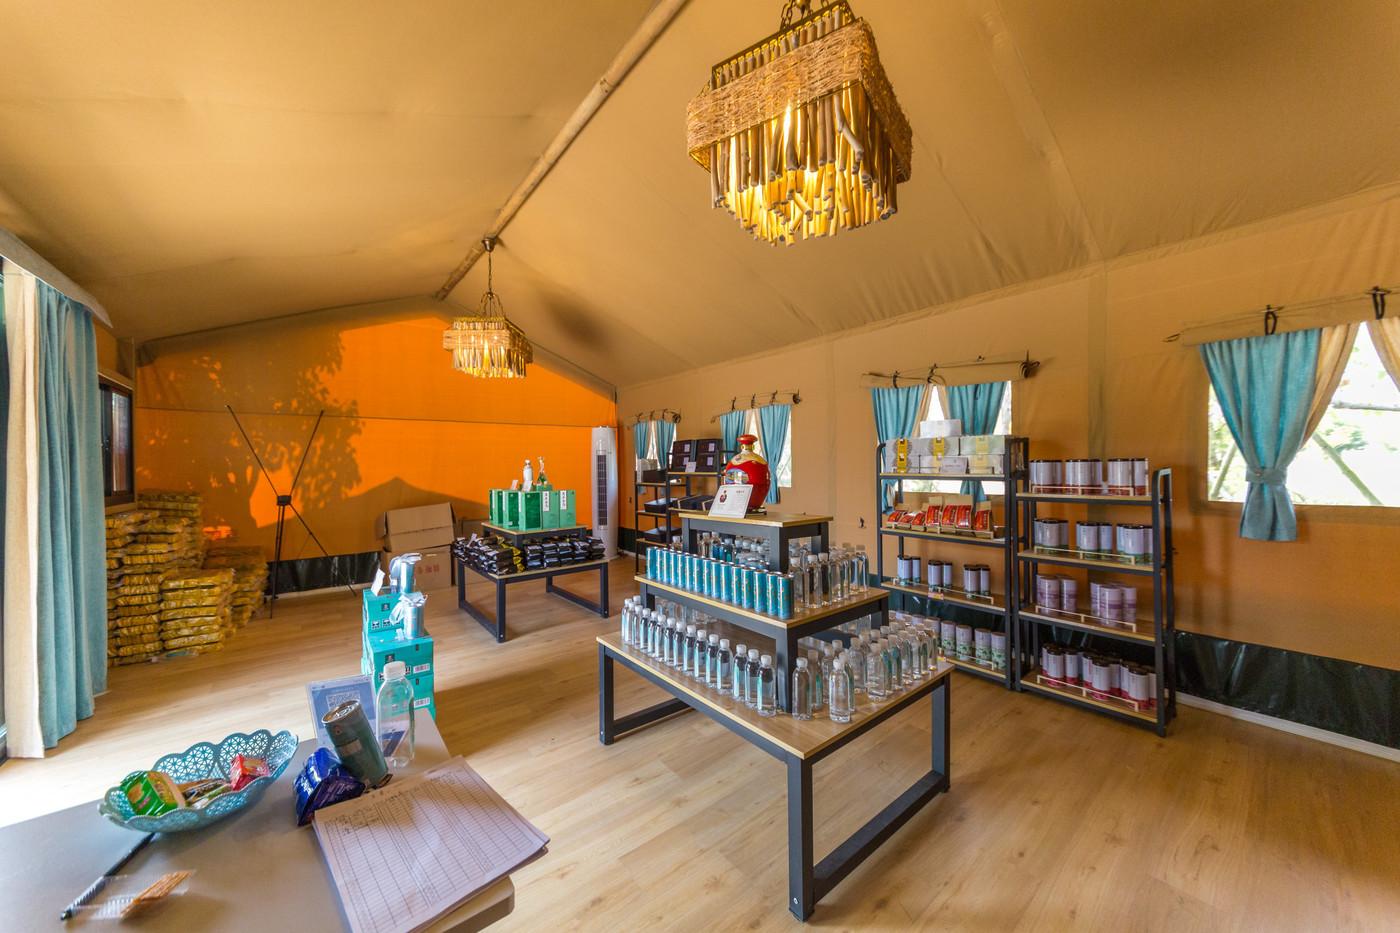 喜马拉雅野奢帐篷酒店—淮安白马湖度假区商铺23